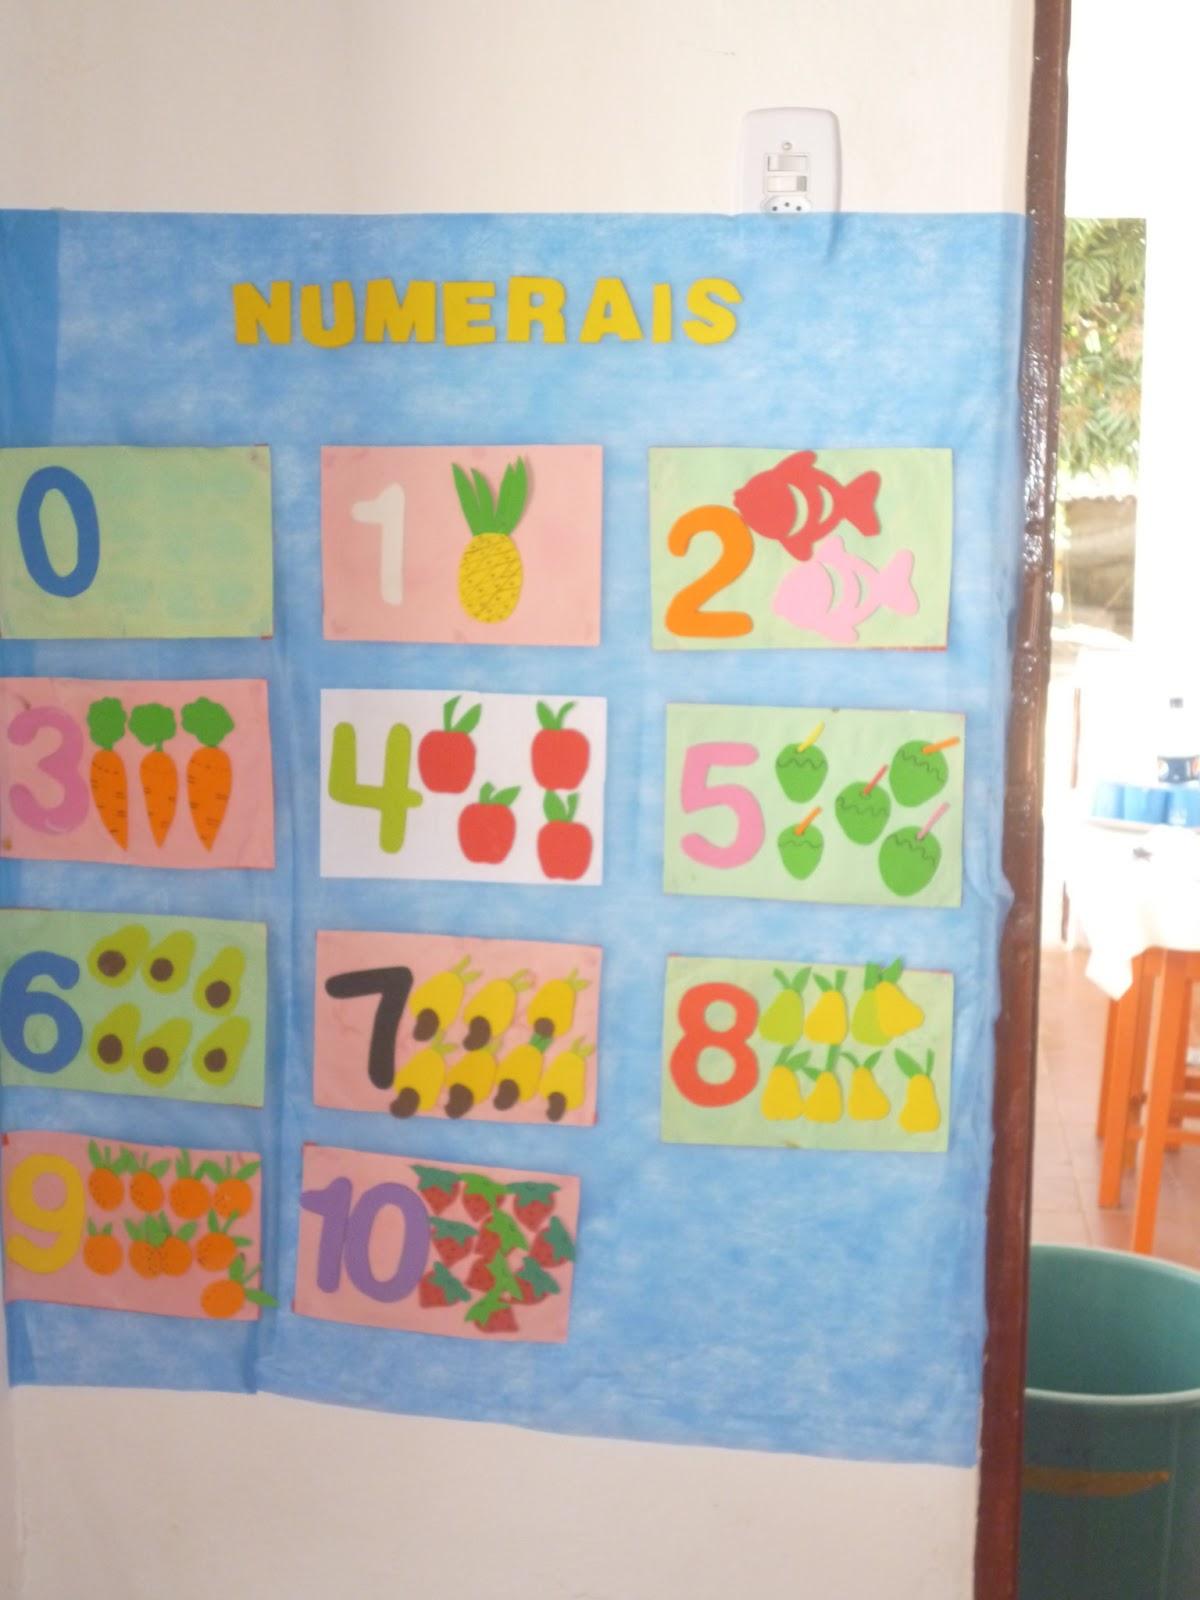 decoracao de sala aula educacao infantil : decoracao de sala aula educacao infantil:de Aprender na Educação Infantil: MINHA DECORAÇÃO DA SALA DE AULA